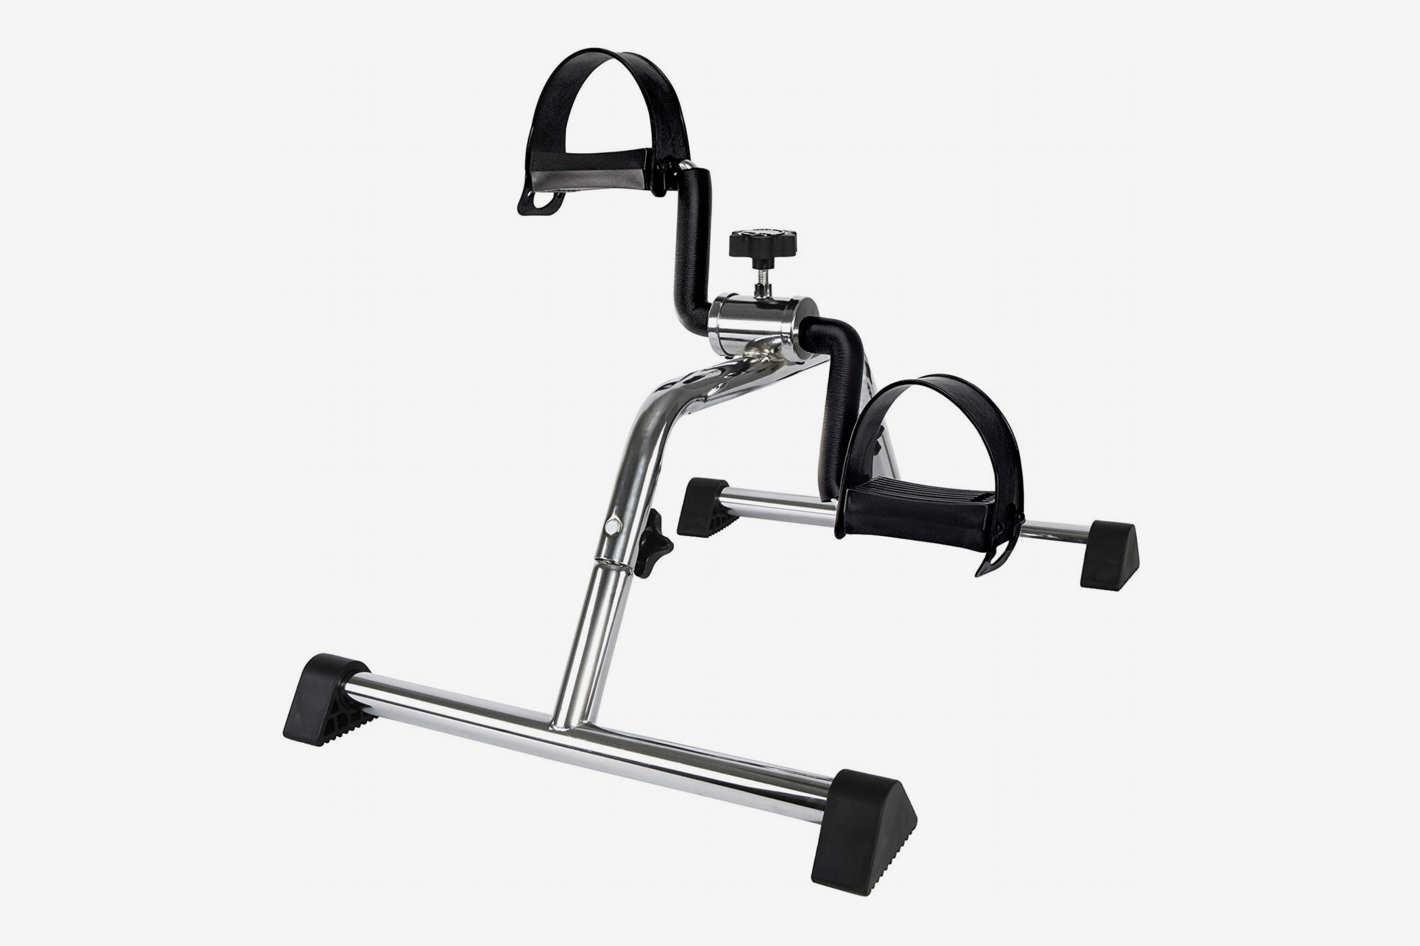 Vaunn Medical Pedal Exerciser